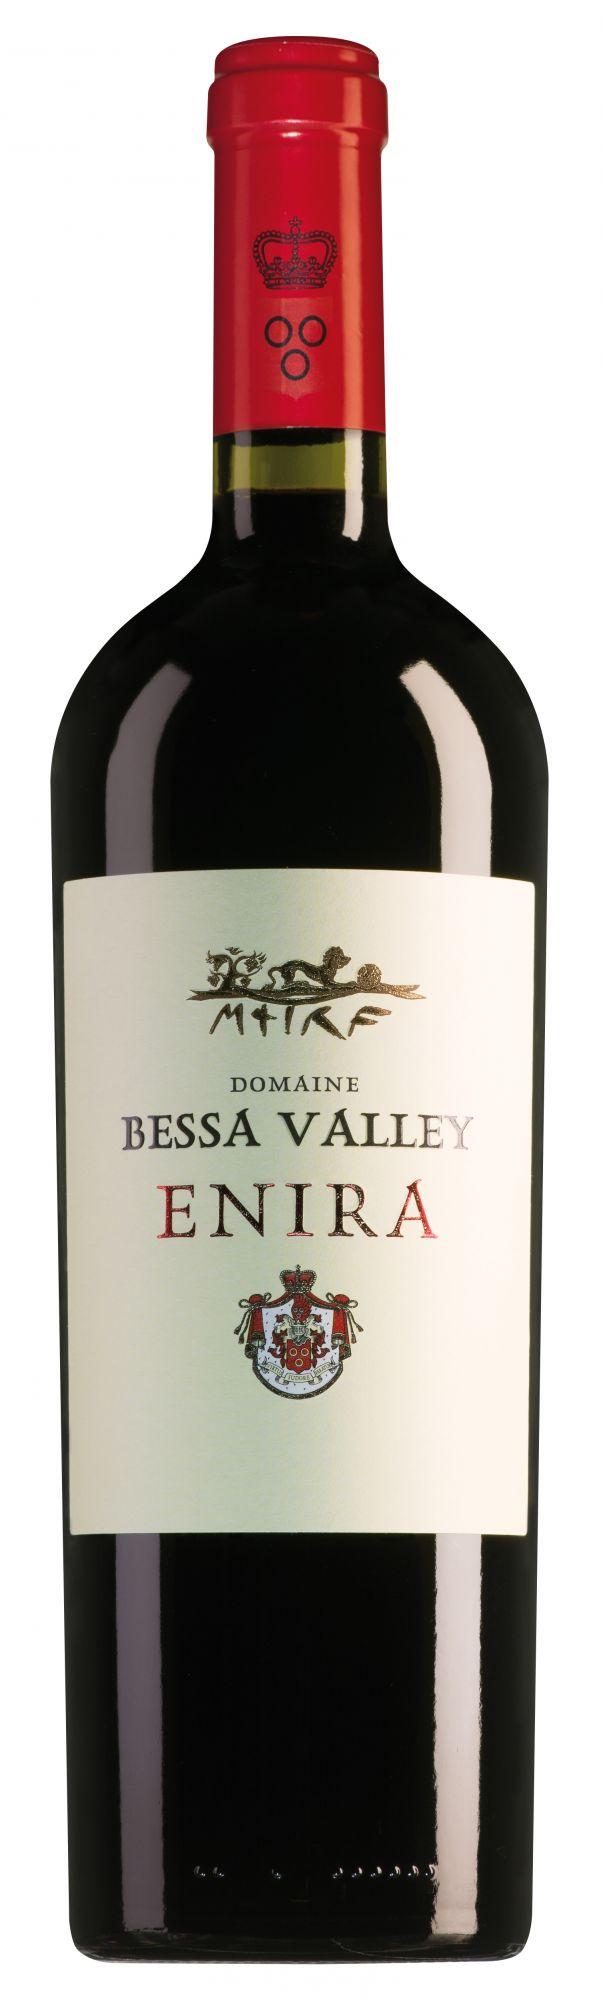 Domaine Bessa Valley Enira Red